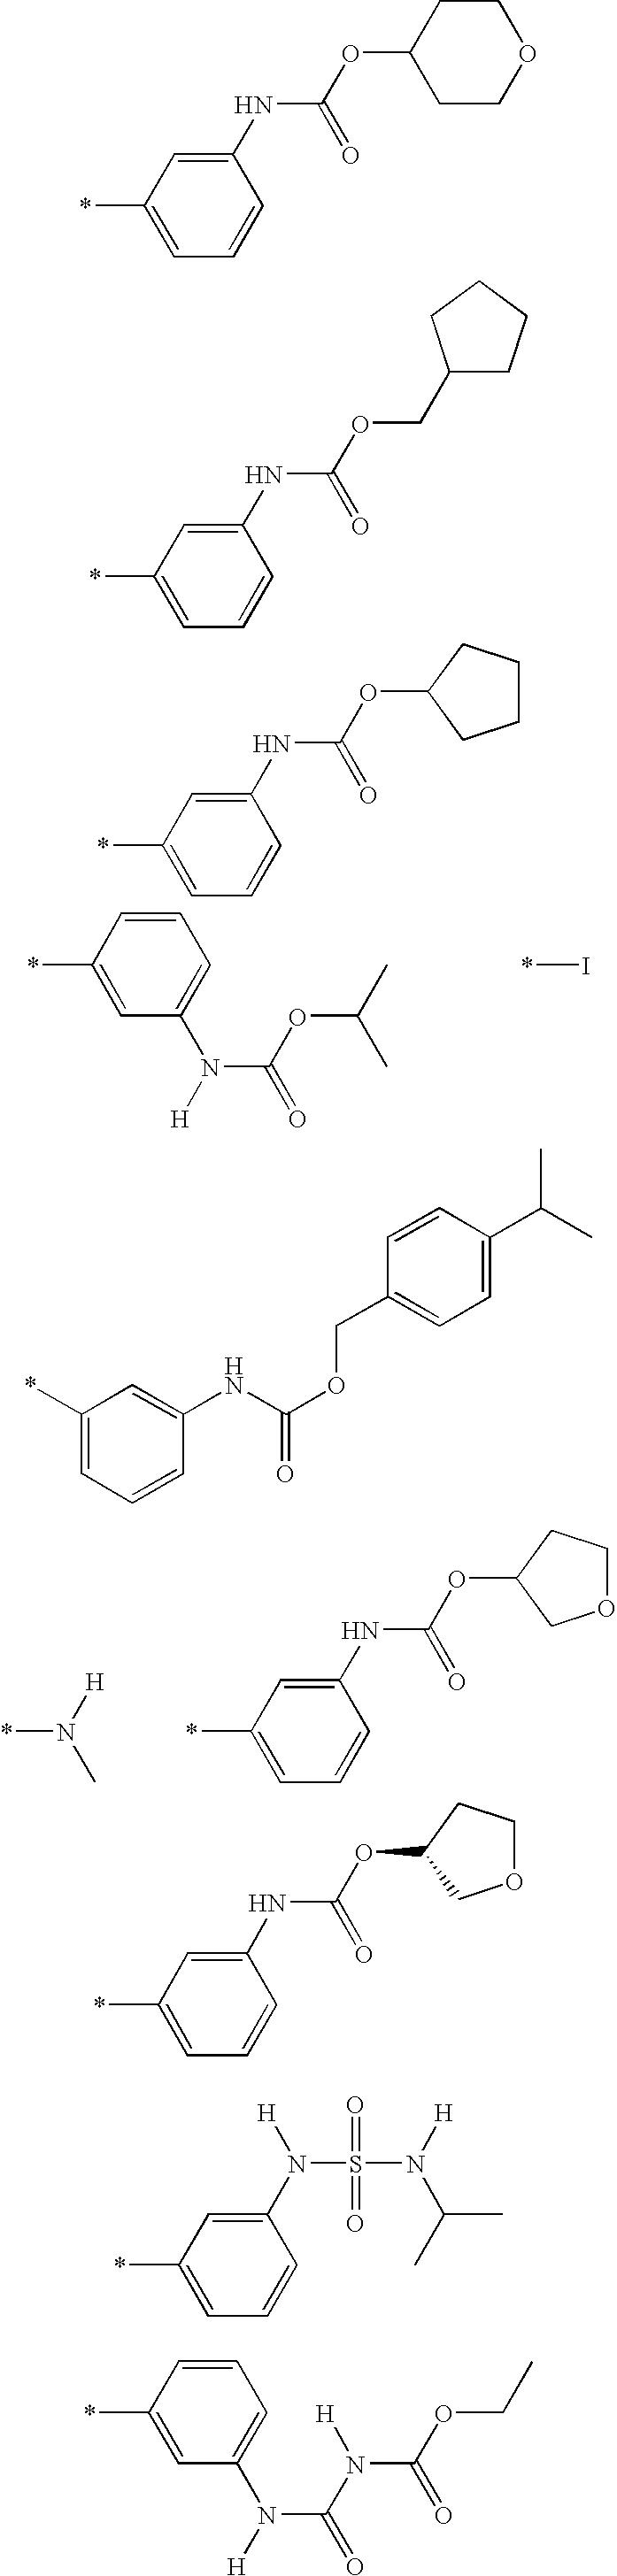 Figure US07781478-20100824-C00126